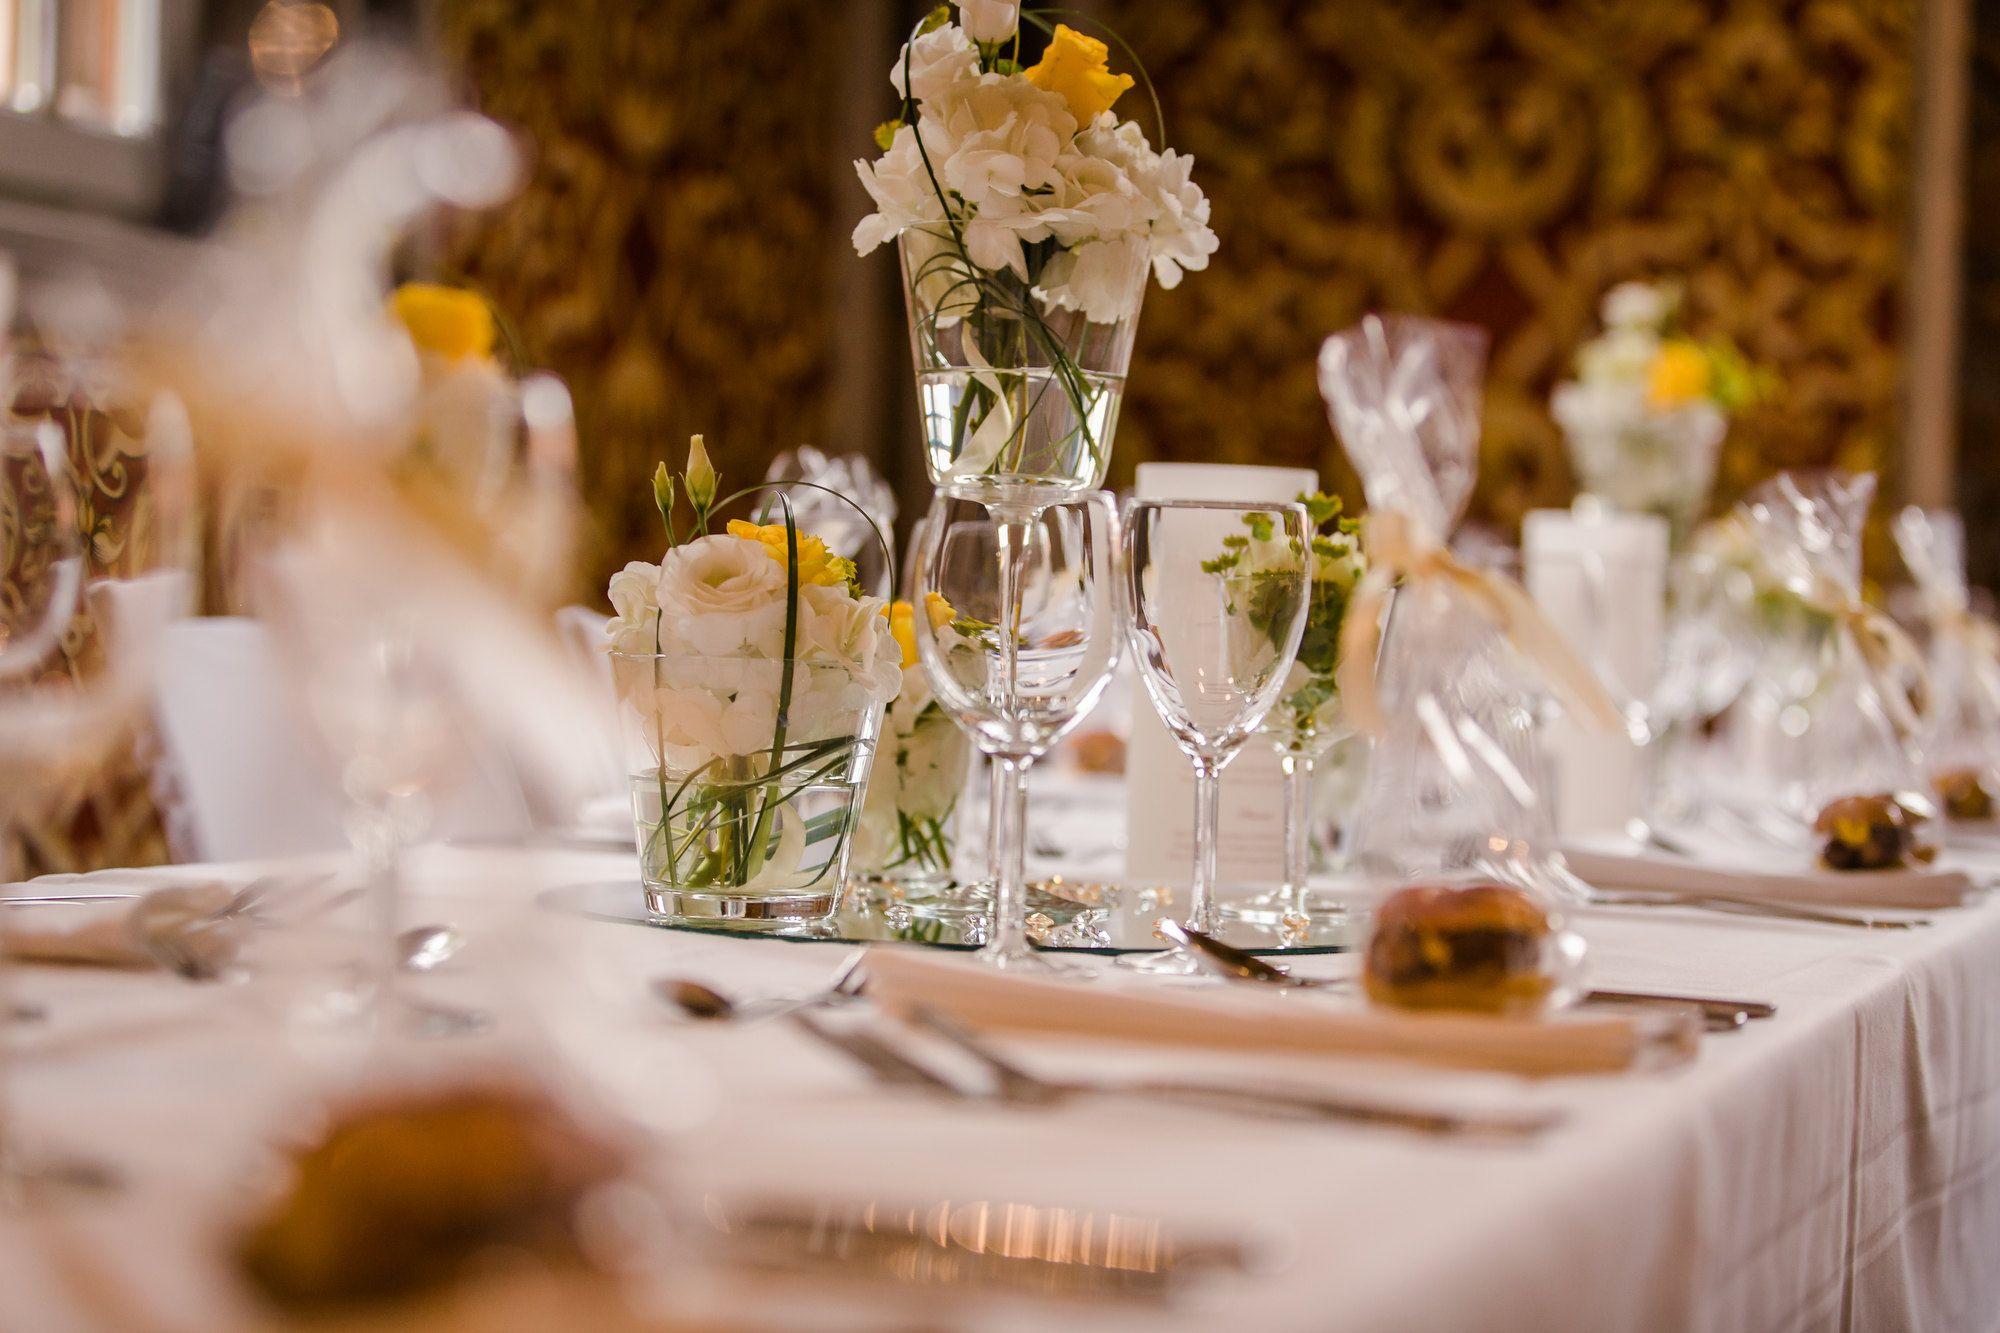 Eine Elegante Klassische Tischdekoration Hochzeit Wedding Tischdekoration Hochzeit Hochzeit Hochzeitsdekoration